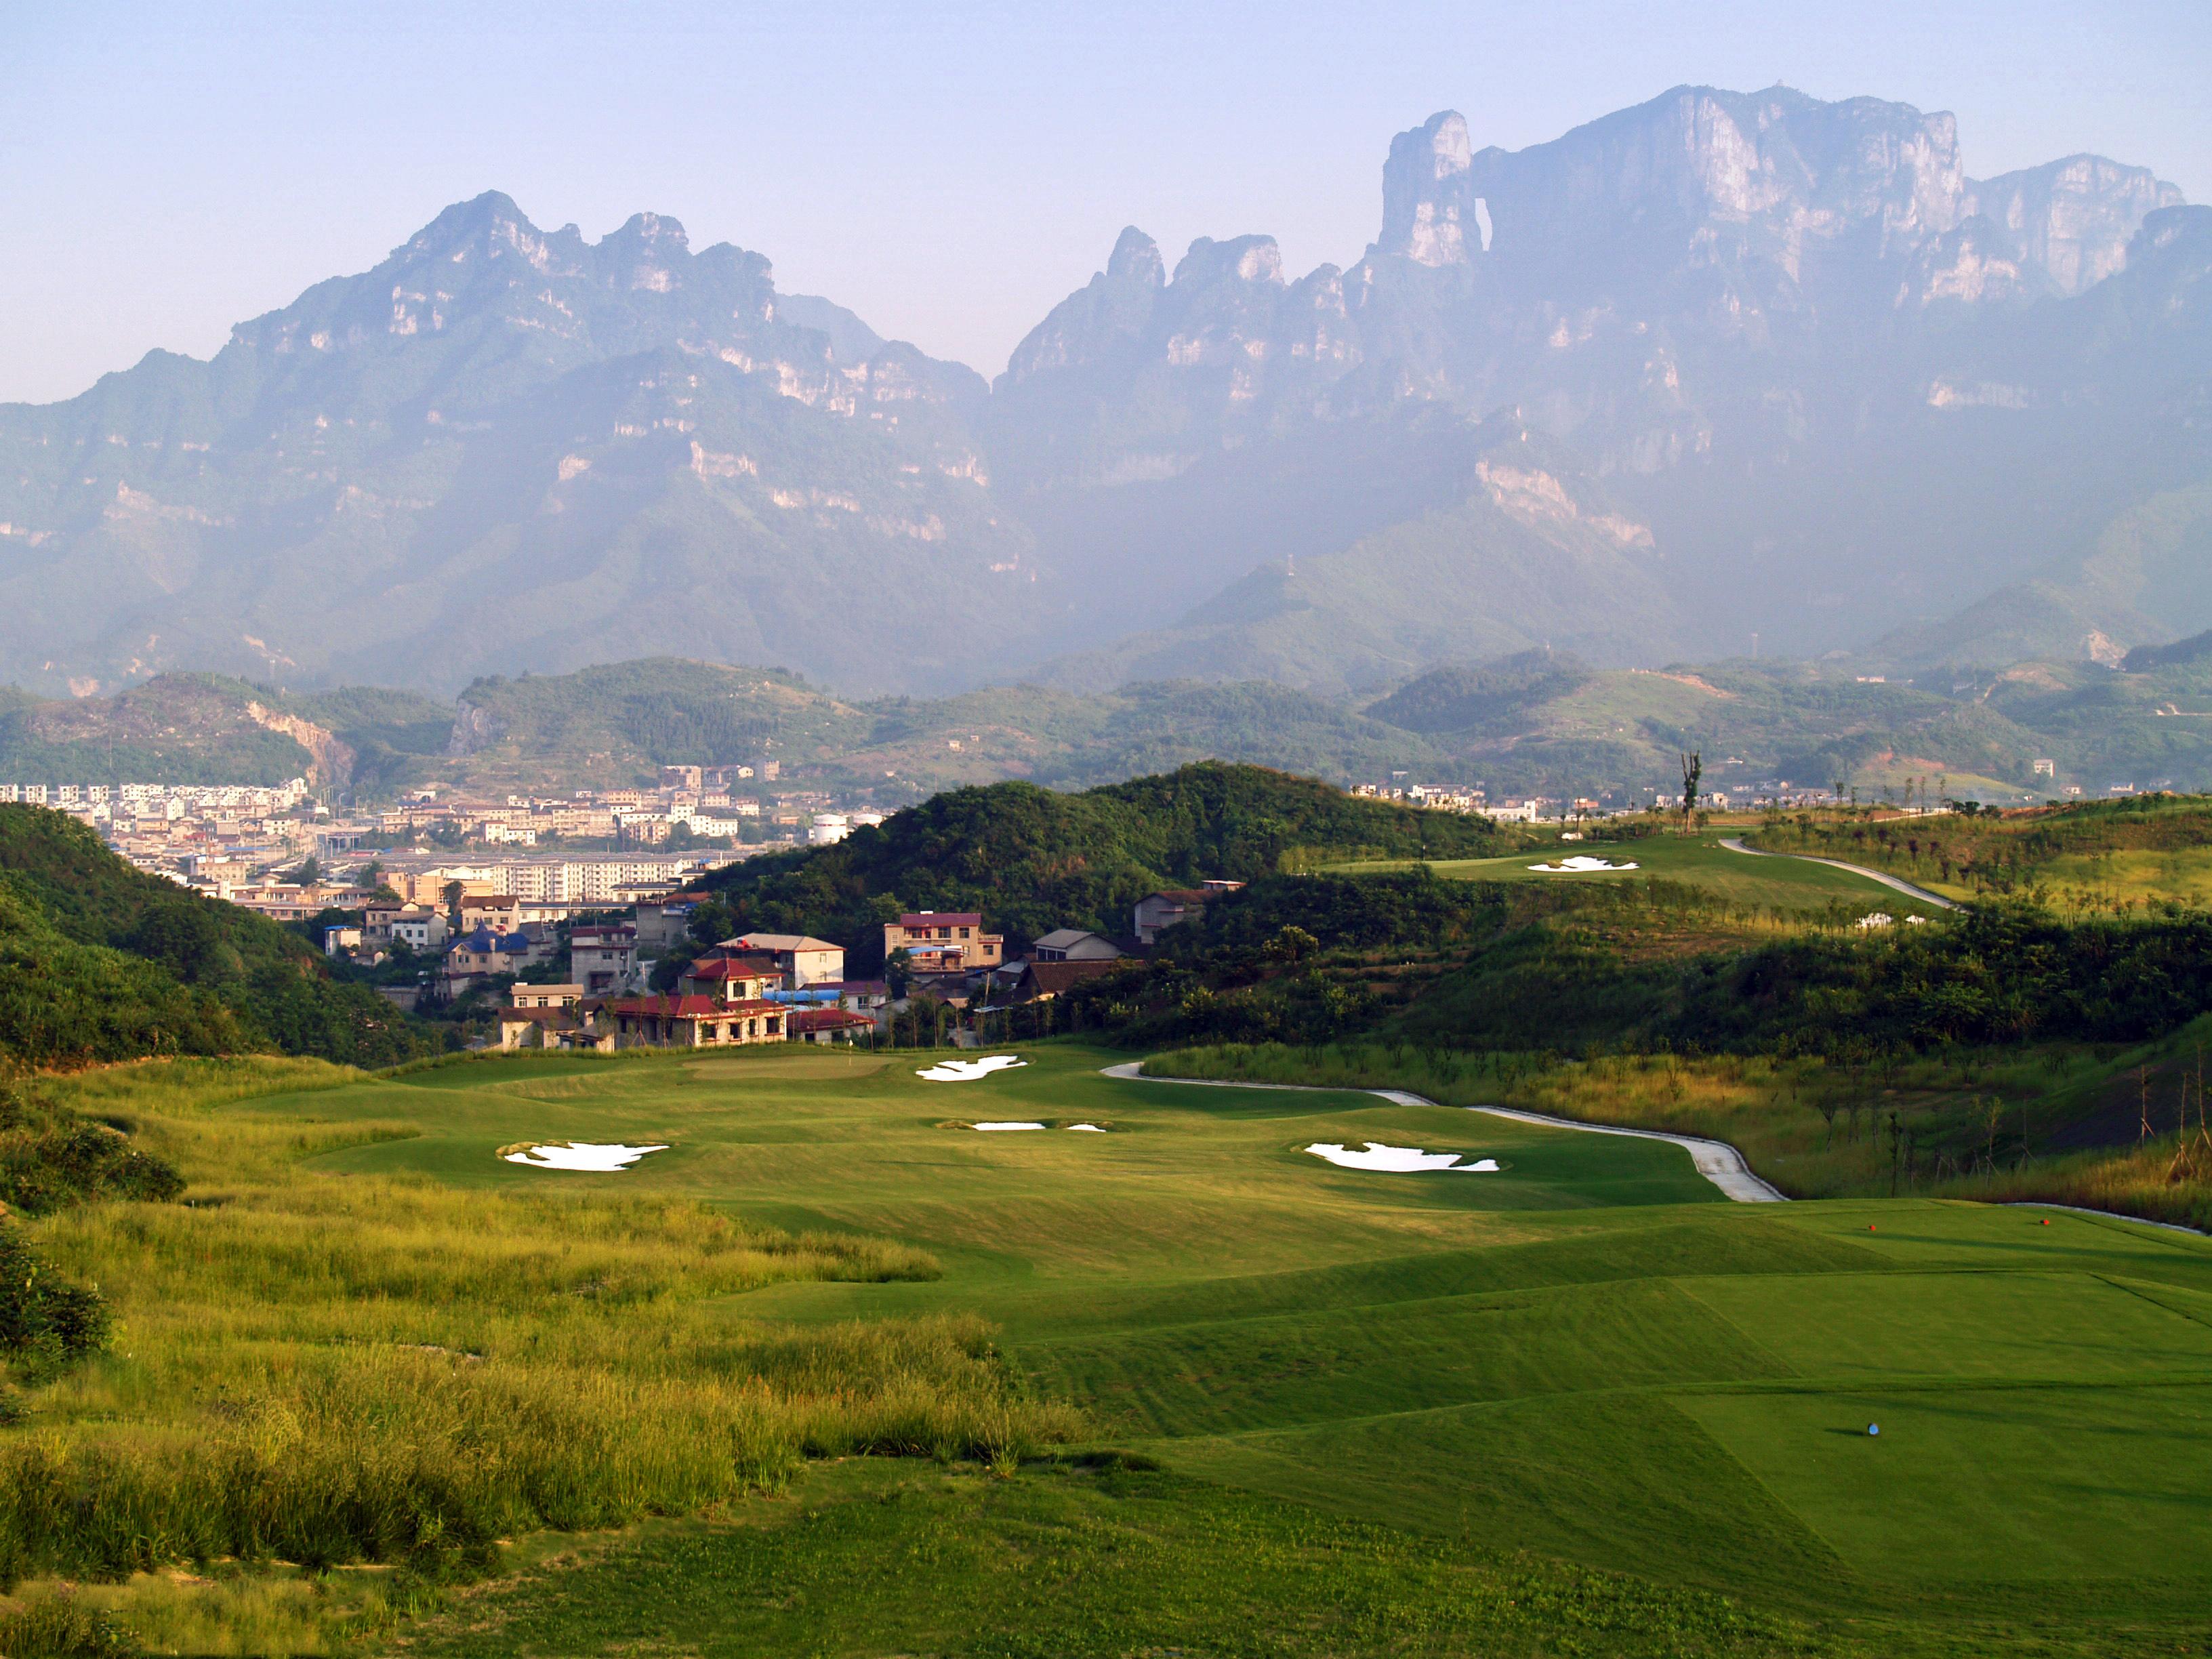 Skydoor Golf Course - #C1